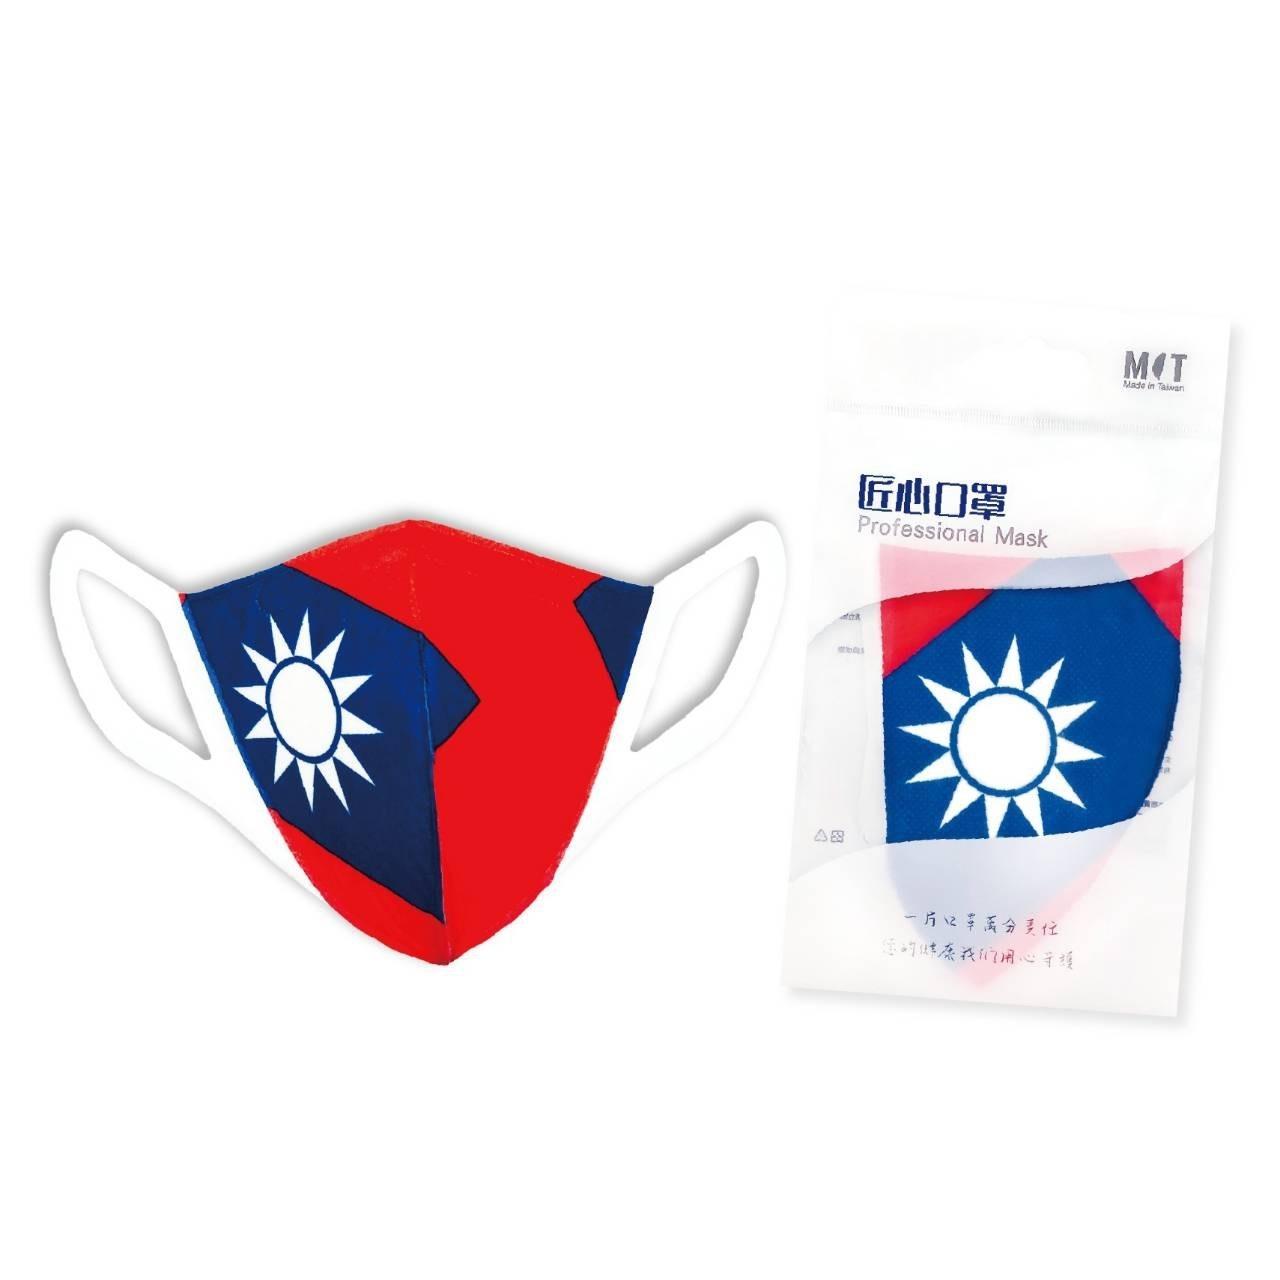 家樂福國旗、小雛菊口罩24日開賣!本土確診首例出現,搶口罩潮再現?